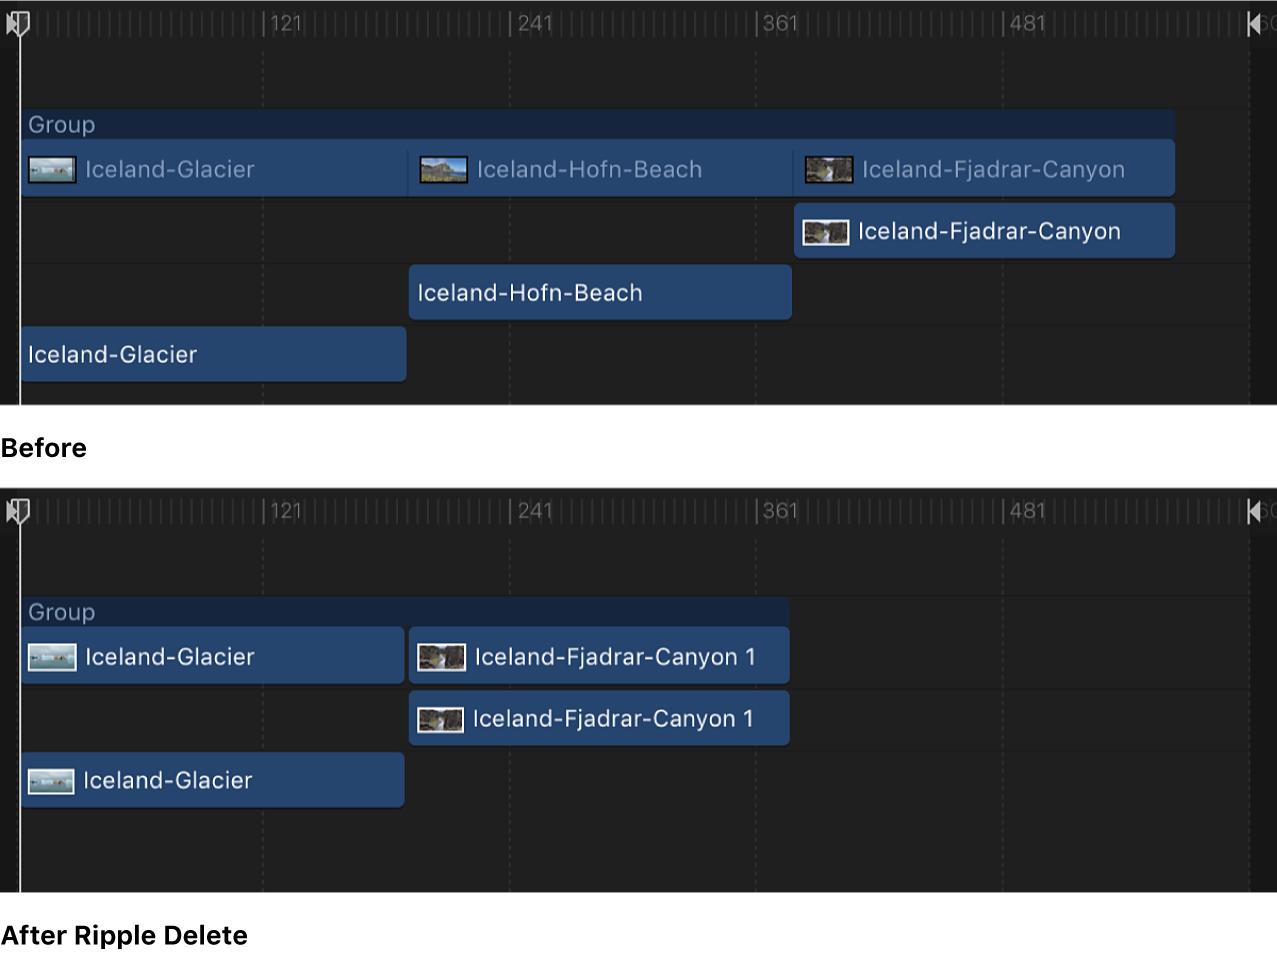 Timeline mit drei Objekten, wobei ein Objekt gelöscht und die Lücke (Gap) geschlossen wird